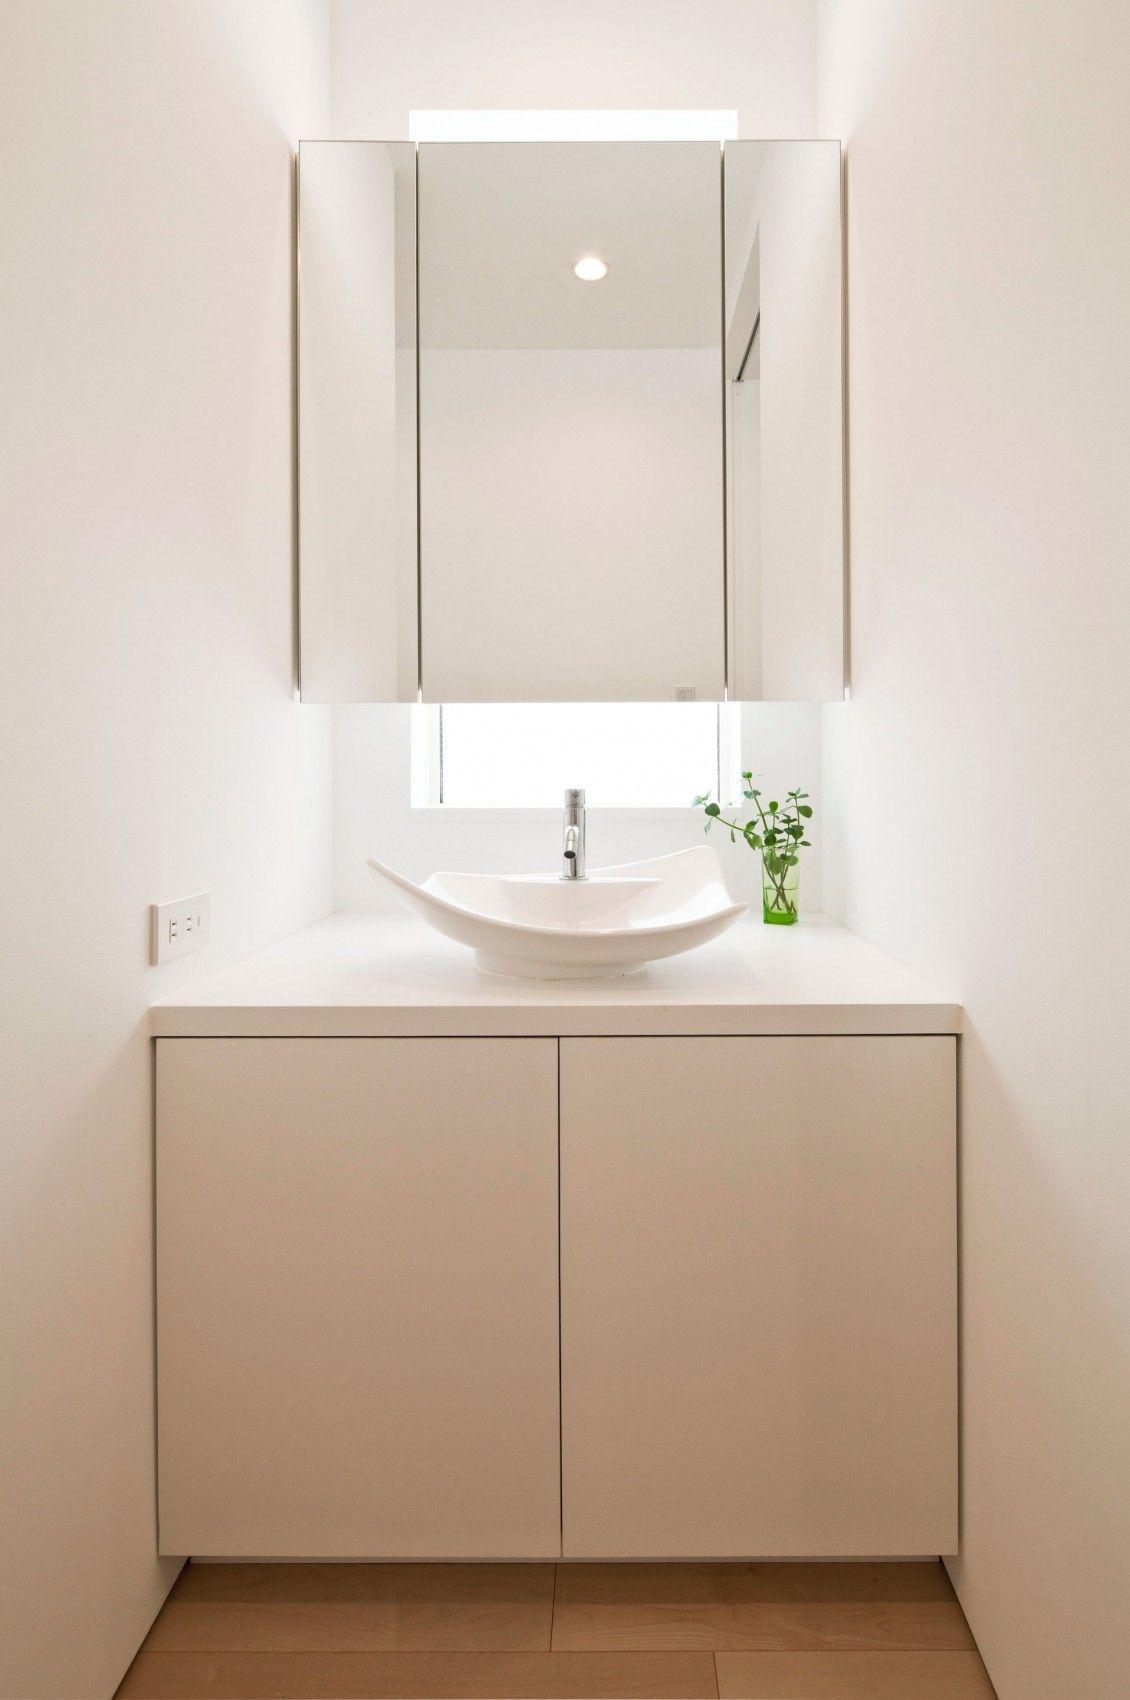 Zen Minimalist Interior Design bathroom 1 seeking balance and tranquility: modern zen design